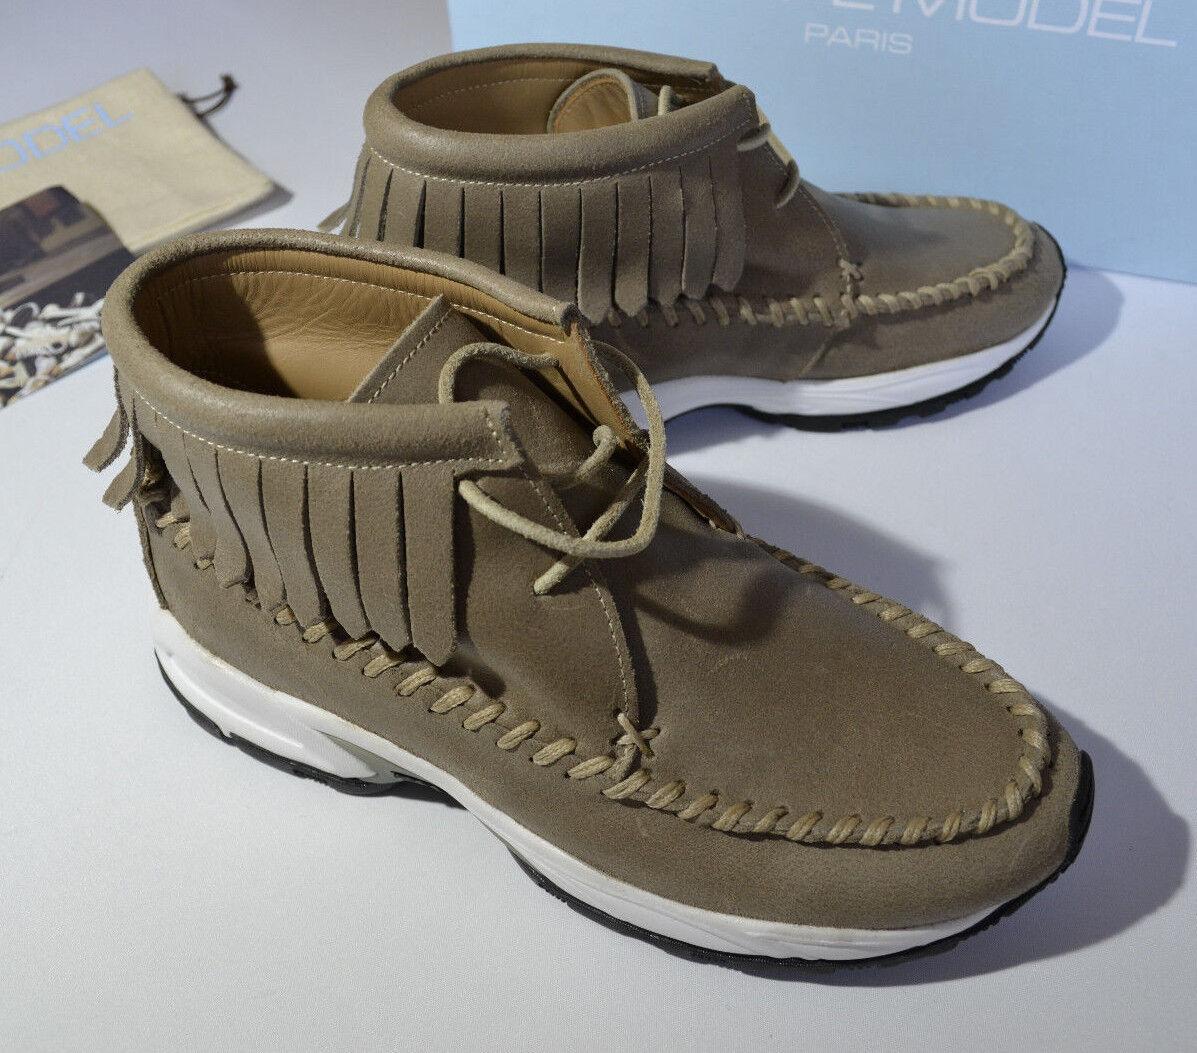 Zapatos tótem De Cuero Phillipe Modelo Mujer botas tótem Zapatos más alta mujer UK 3-UE 36 5cc8e4